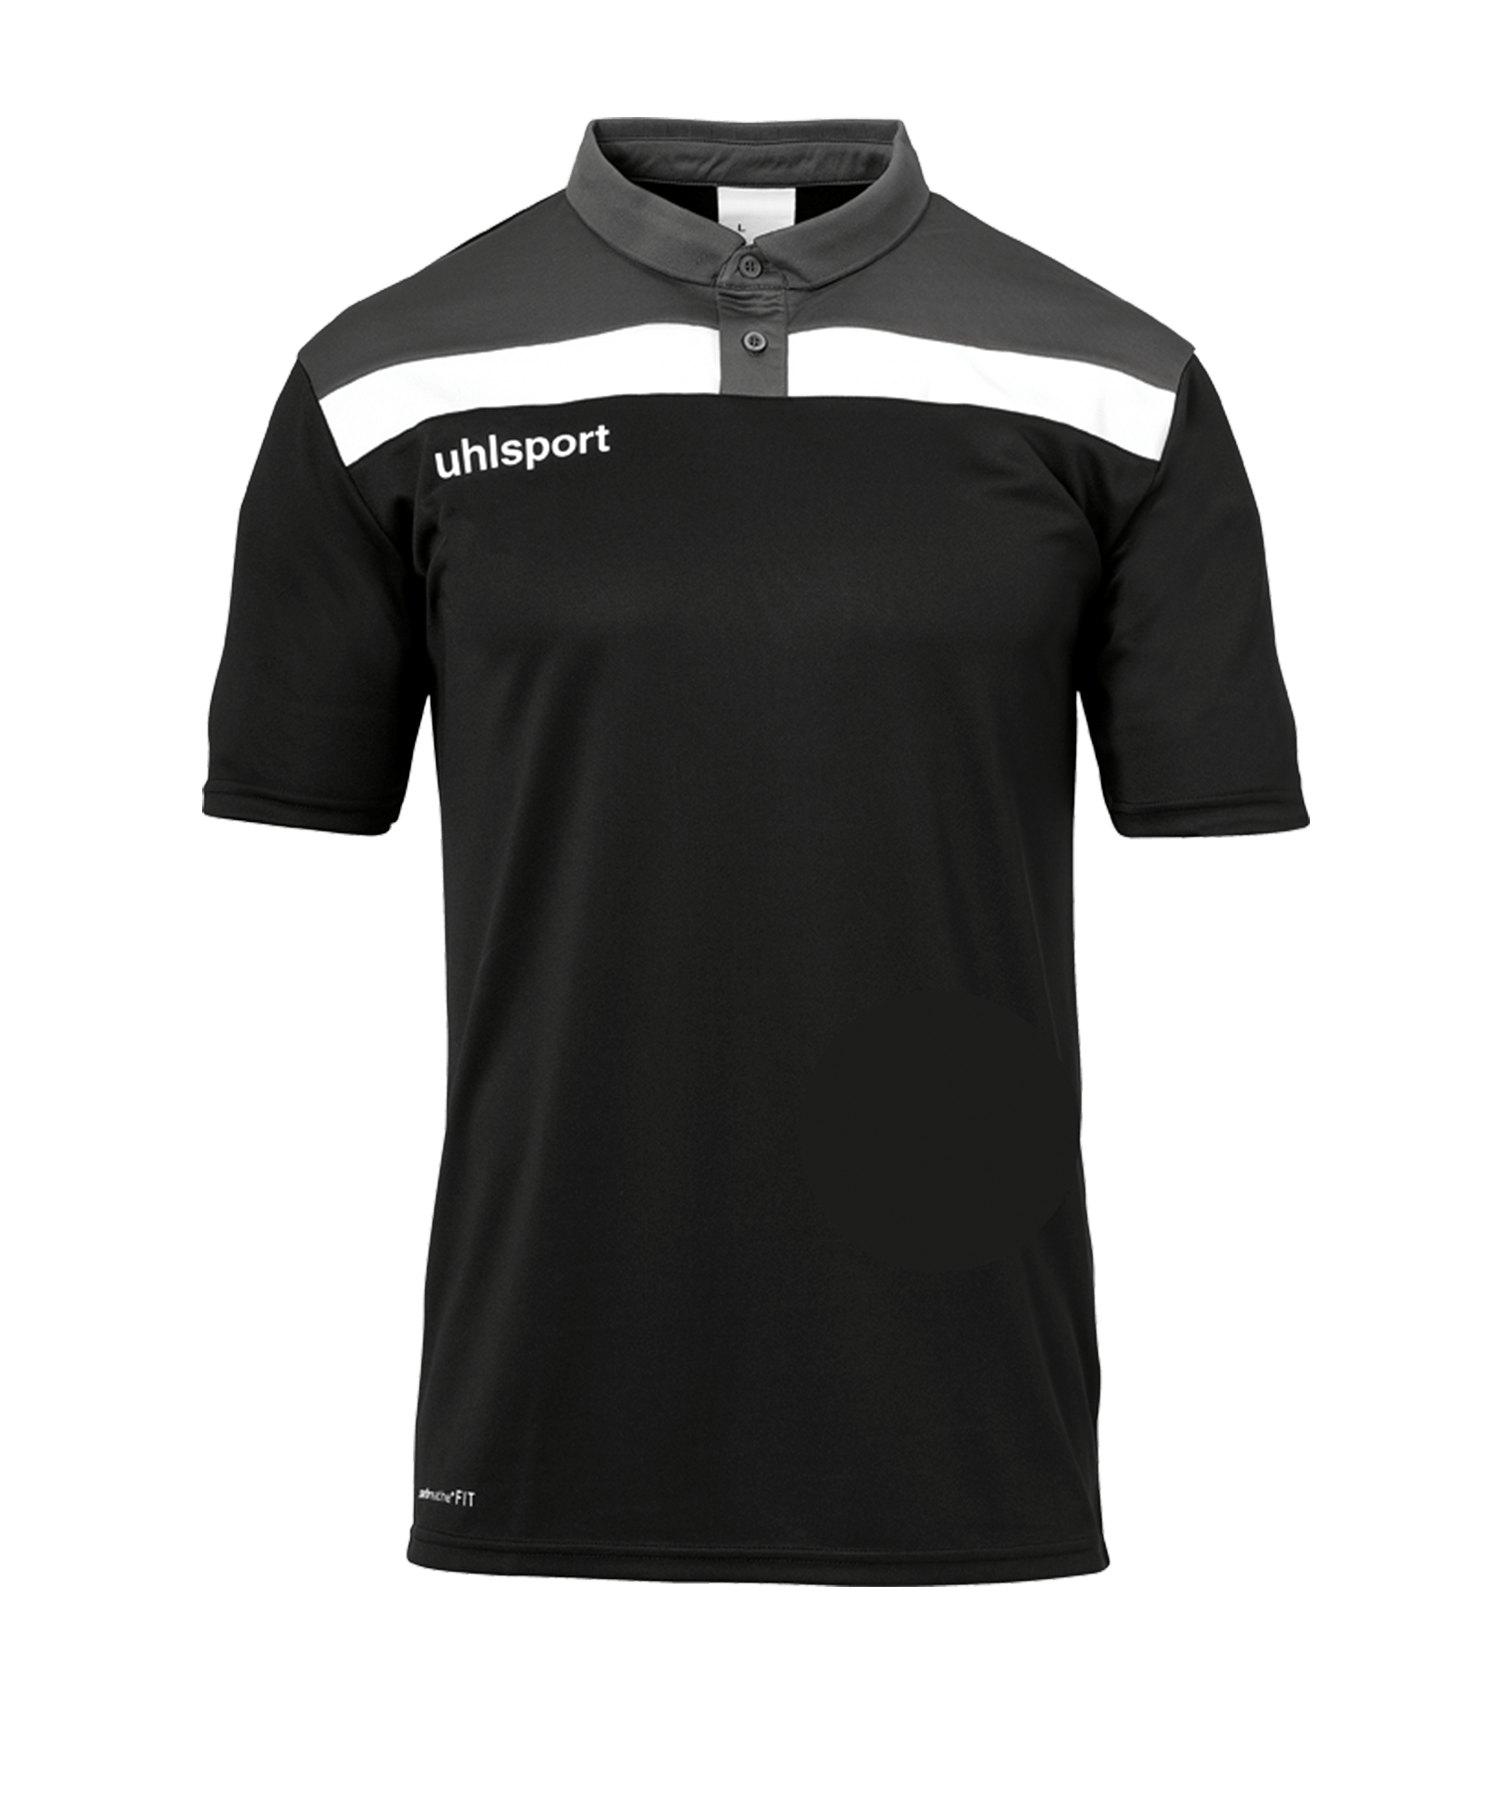 Uhlsport Offense 23 Poloshirt Kids Schwarz F01 - schwarz